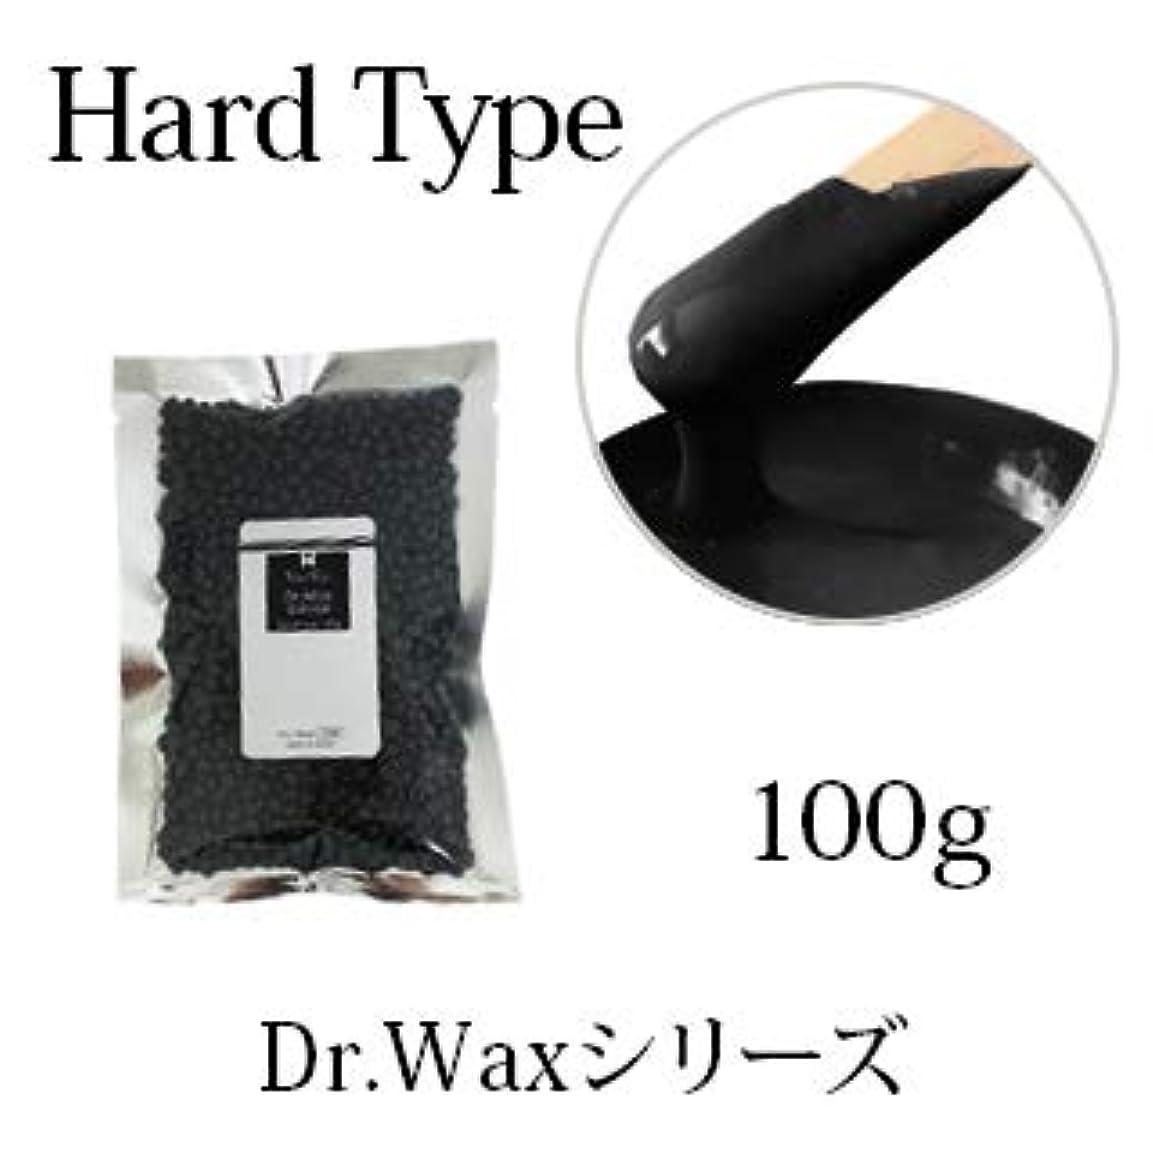 民族主義調子意識【Dr.waxシリーズ】ワックス脱毛 粒タイプ 紙を使用しない ハードワックス (キャビア 100g)